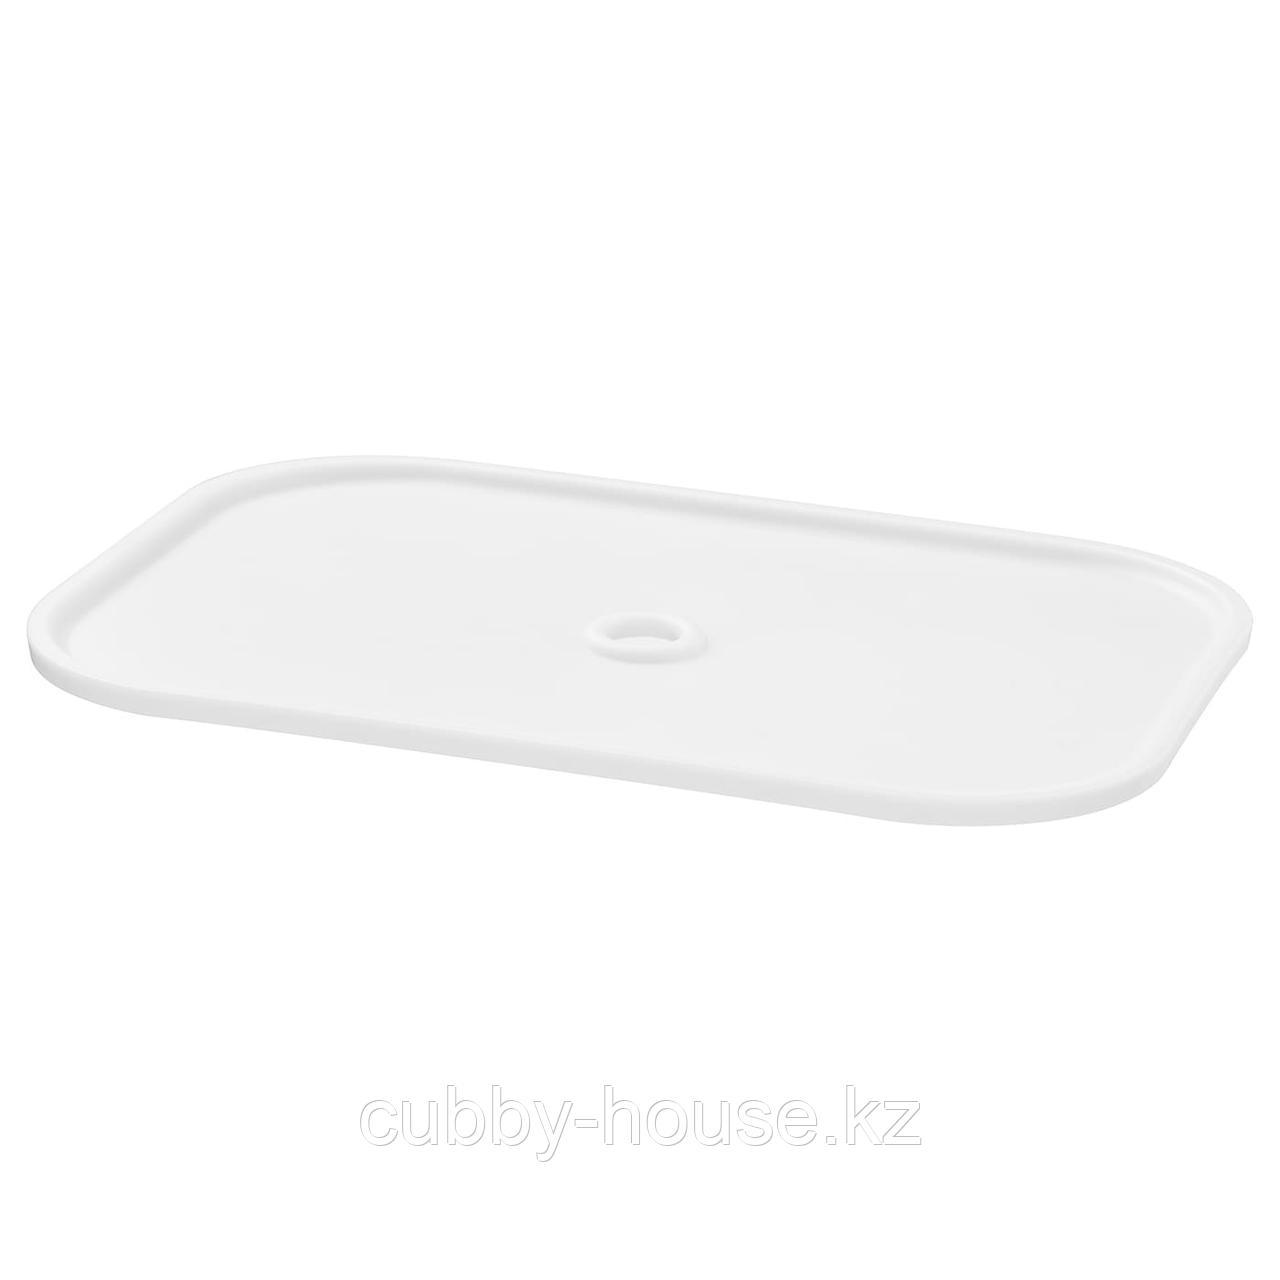 ТРУФАСТ Крышка, белый, 40x28 см